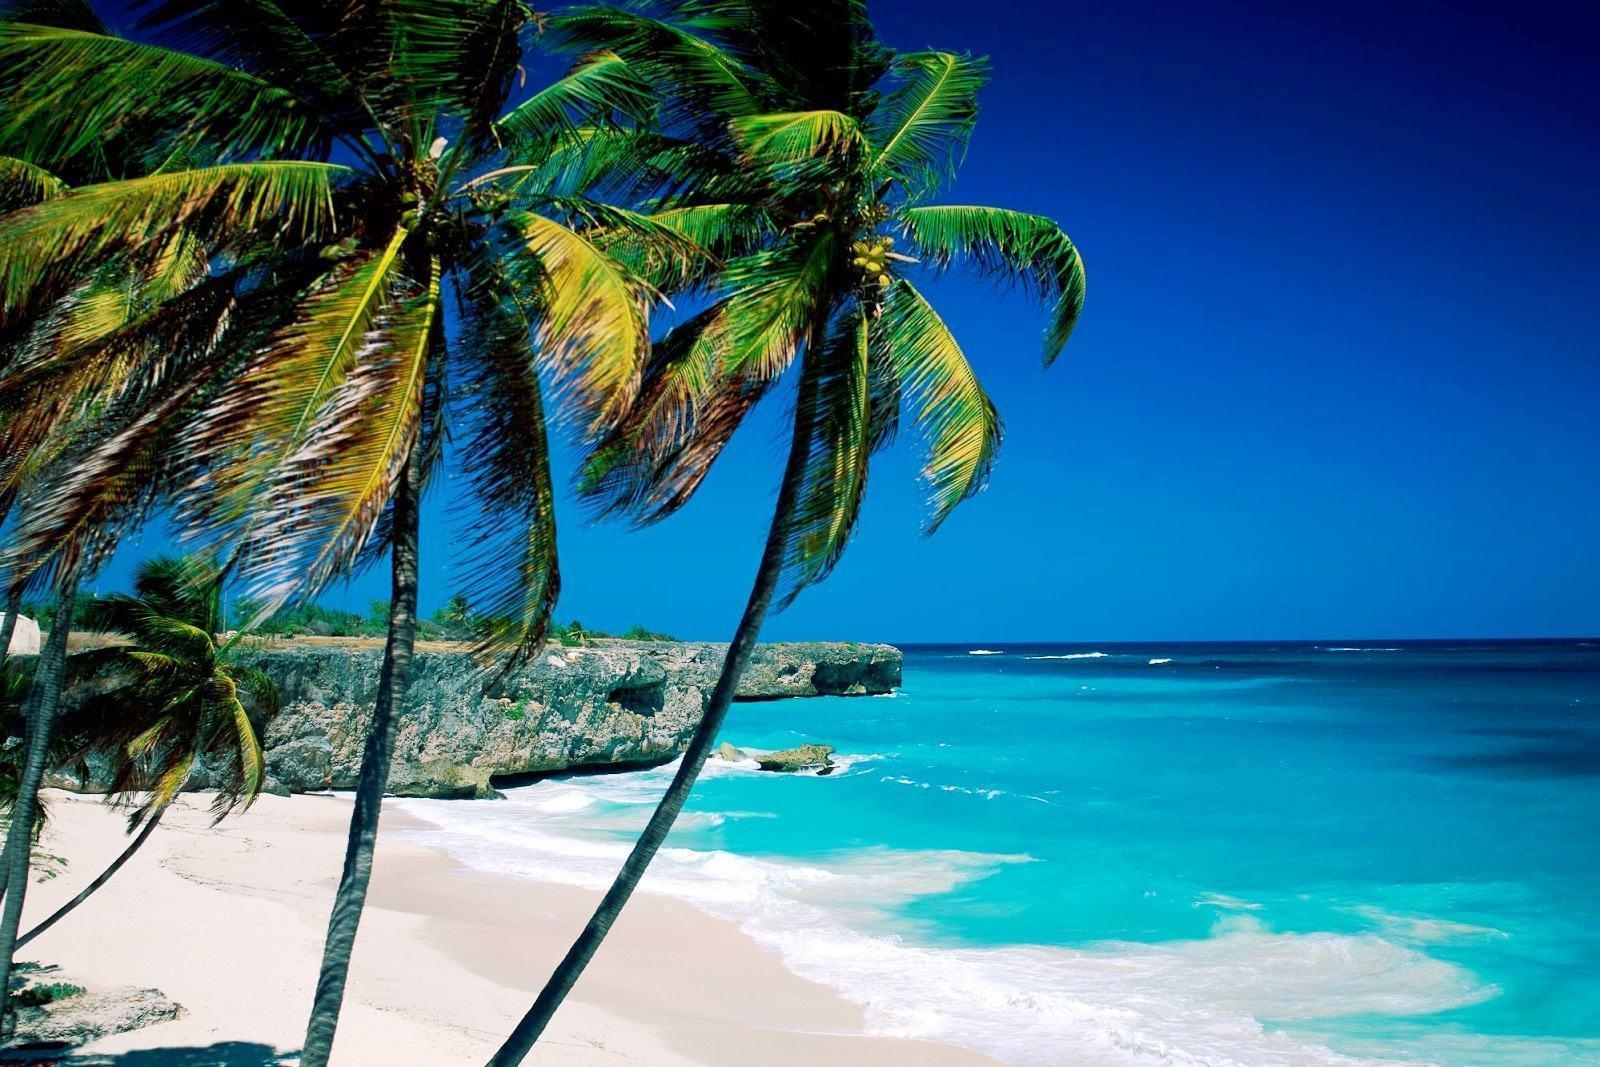 Kinh nghiệm tắm biển Nha Trang - ở đâu & có gì đẹp nhỉ? — 2020